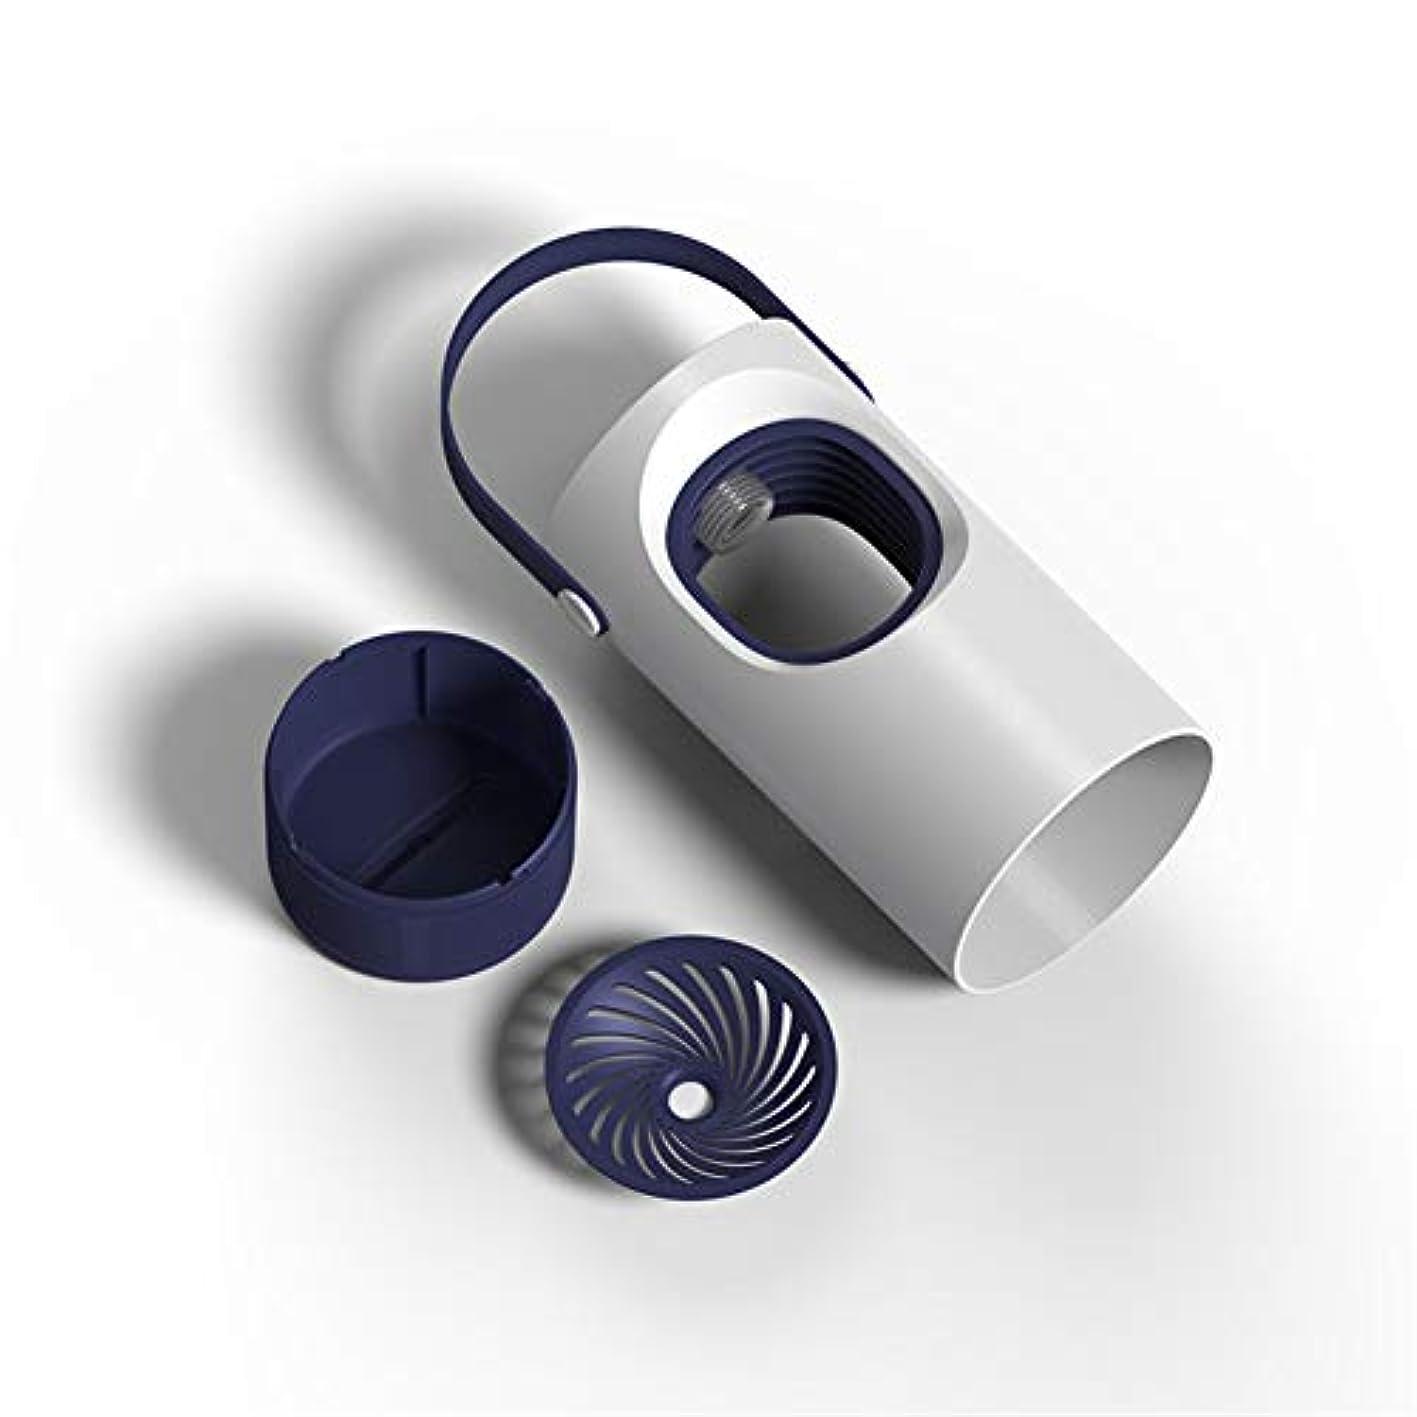 反抗にぎやか棚蚊取り器電子蚊忌避蚊キラー昆虫トラップいいえ放射線ミュートusb電源